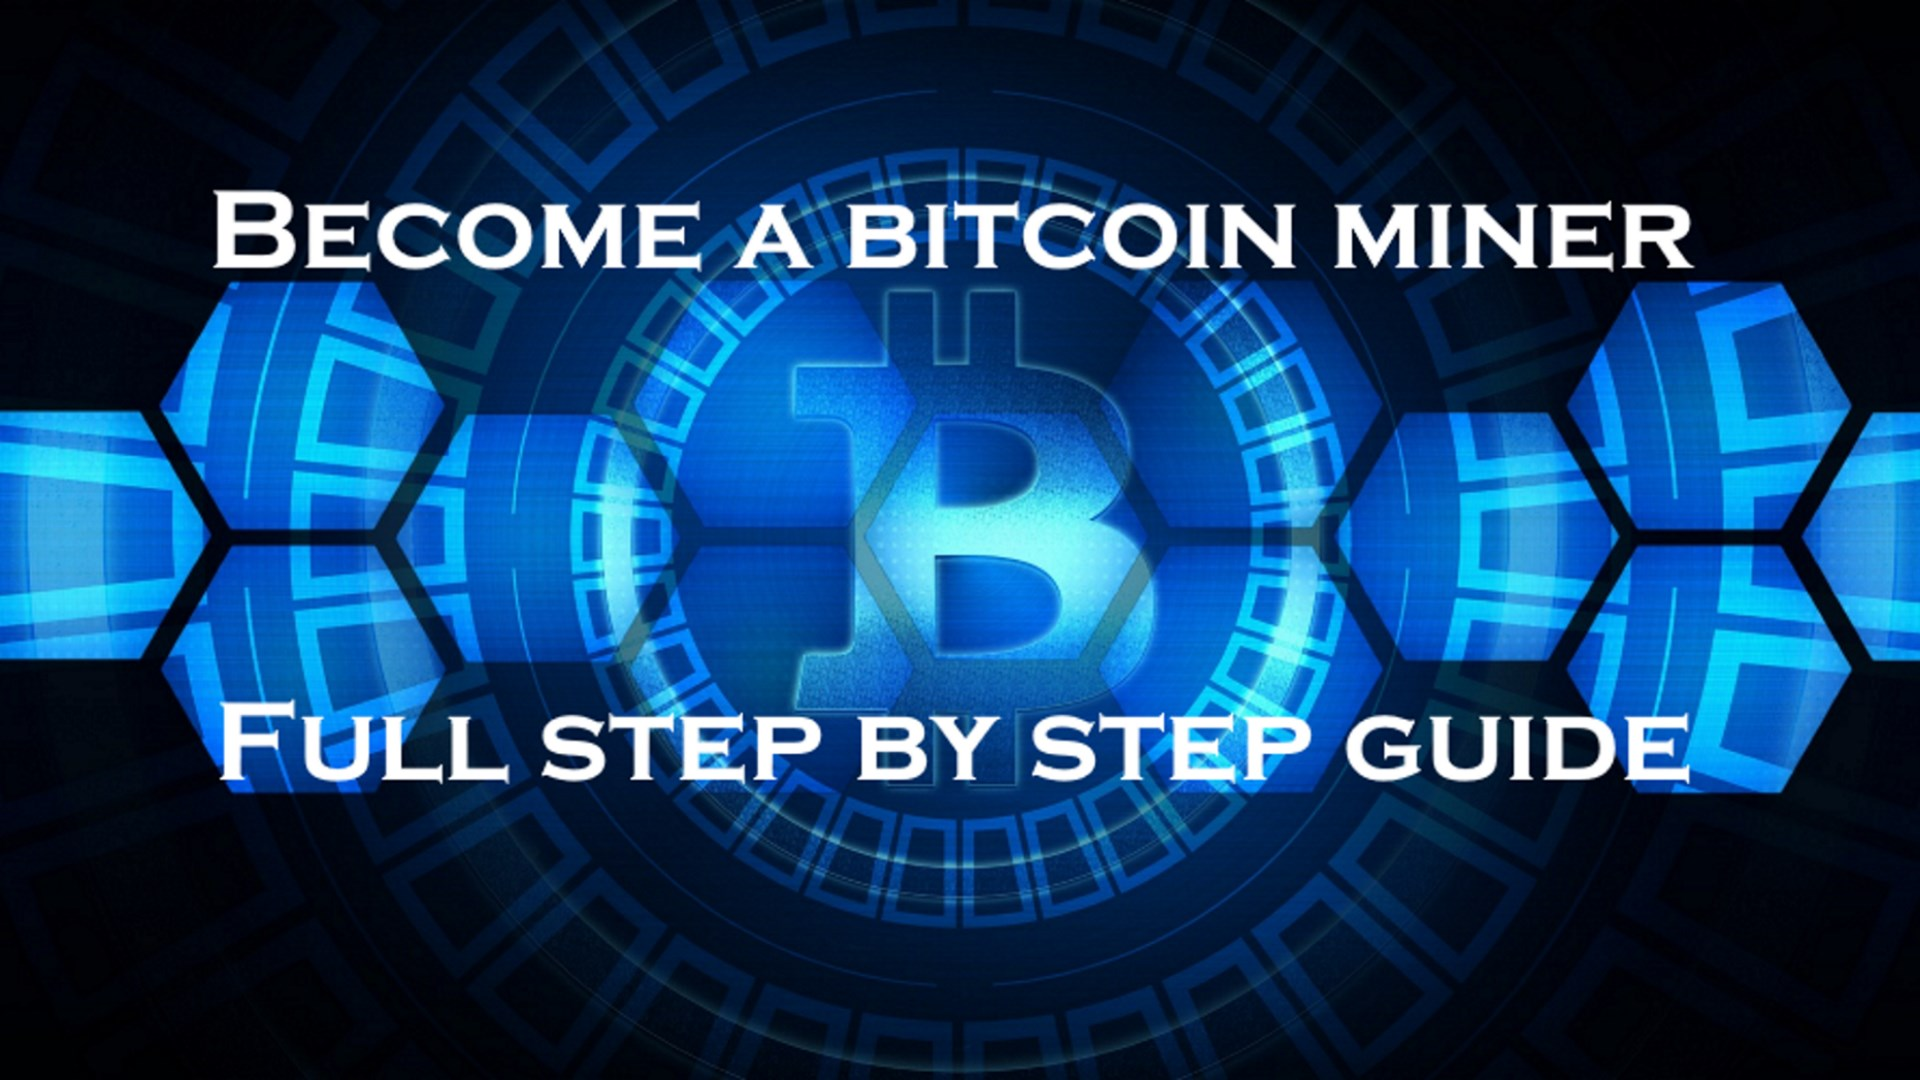 cum să obțineți bitcoin prin blockchain program pentru a face bani pe internet